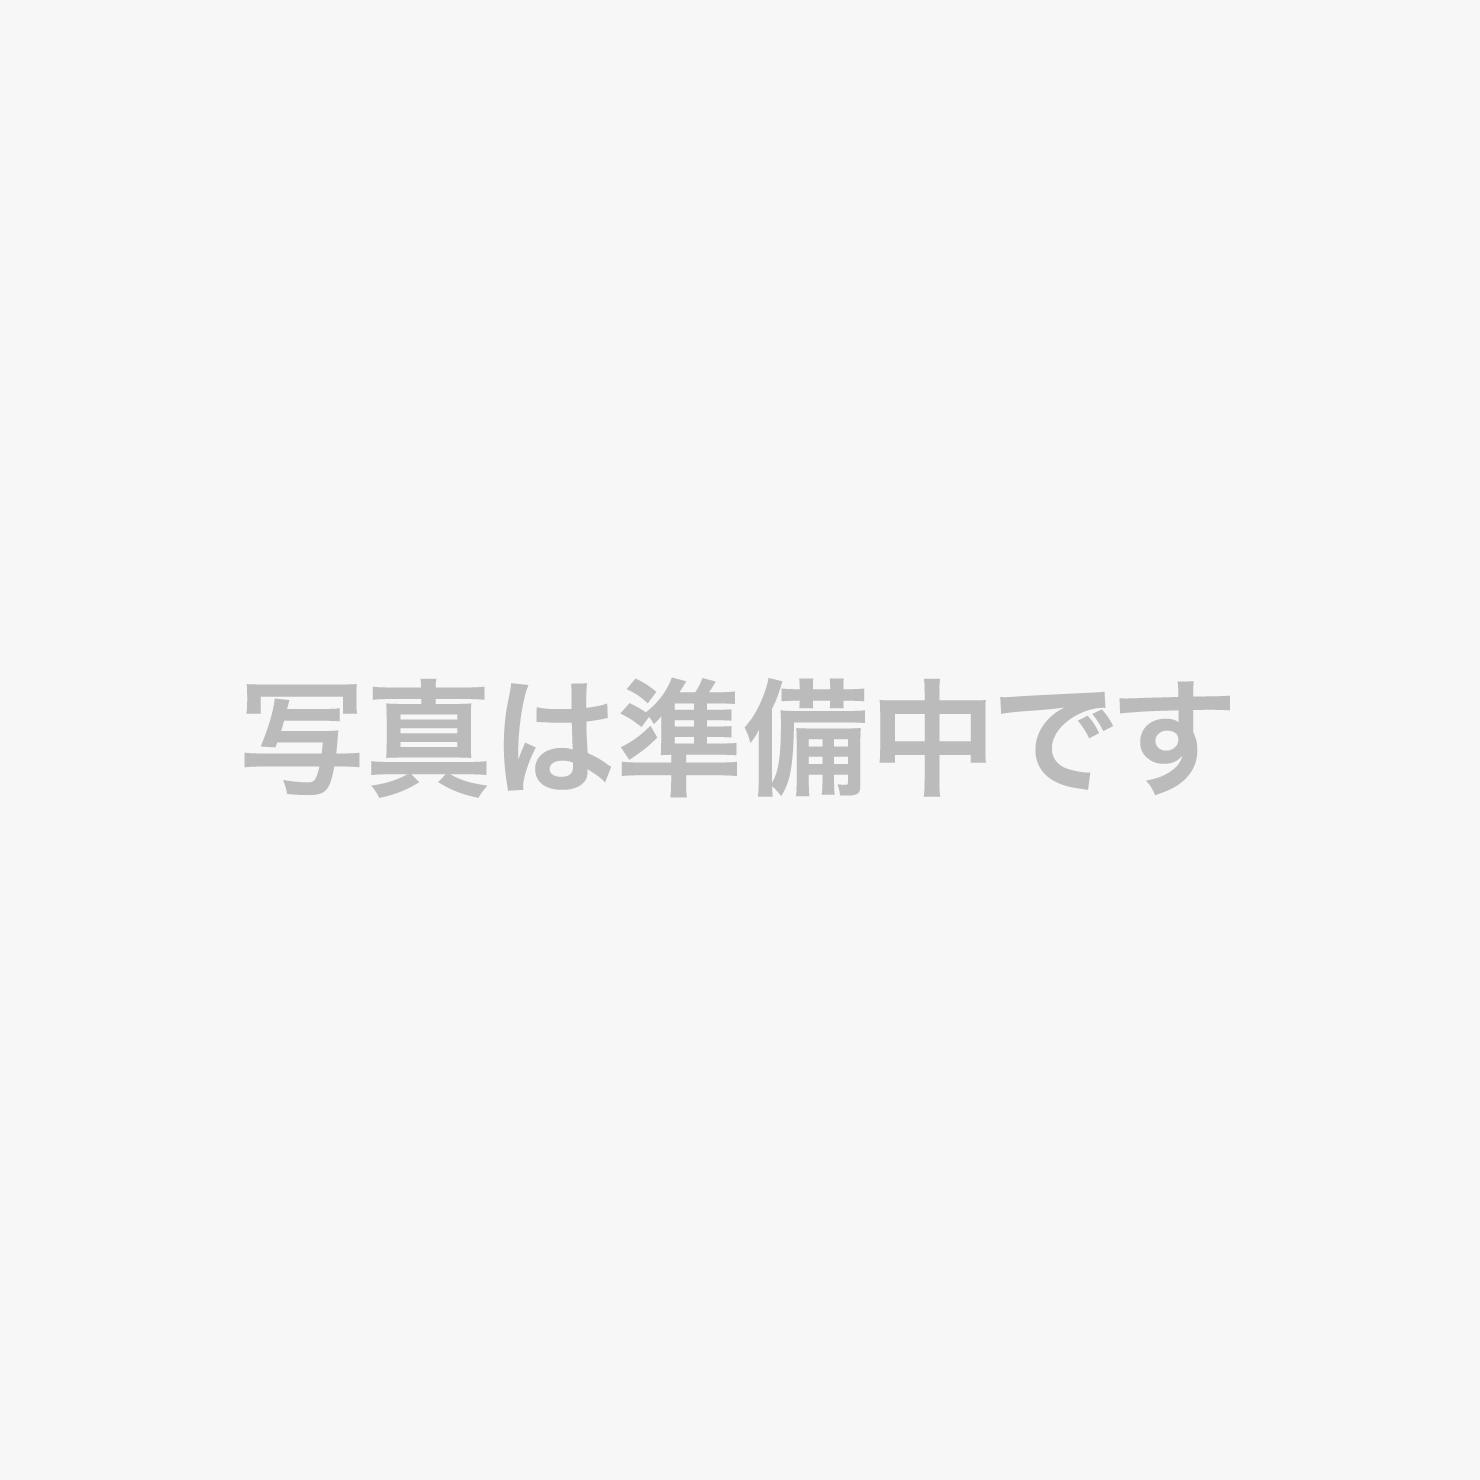 【9~11月】秋の料理バイキング『揚げたてサクサクの秋の天ぷら』※イメージ画像